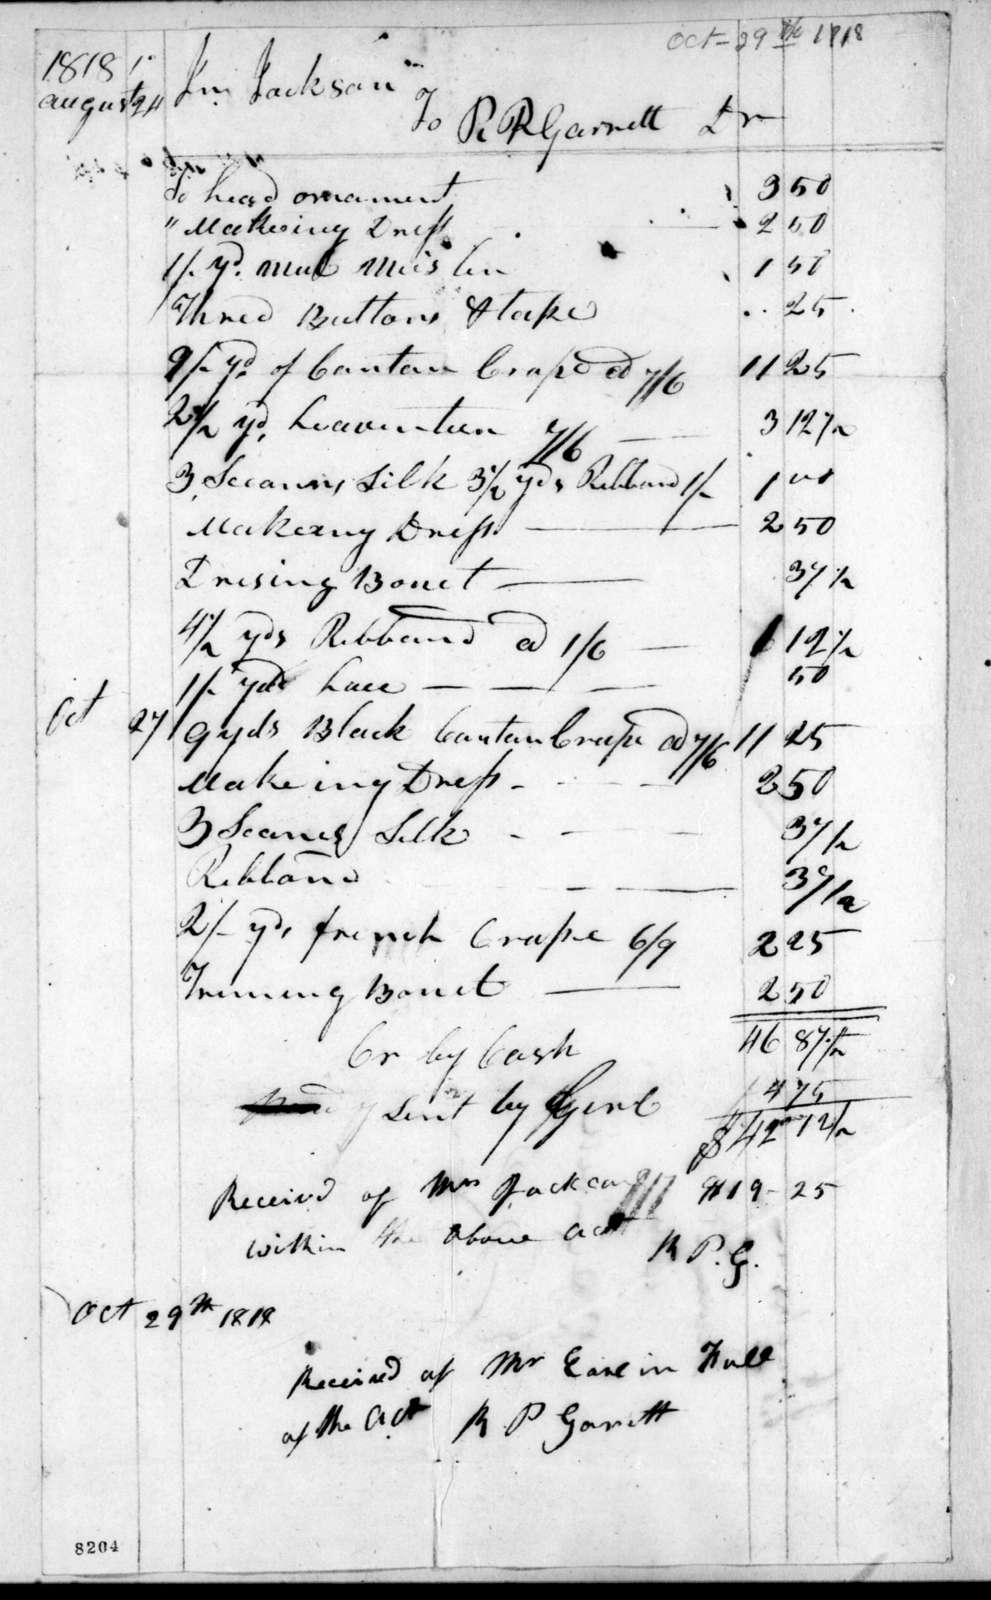 Andrew Jackson to R. P. Garrett, October 29, 1818